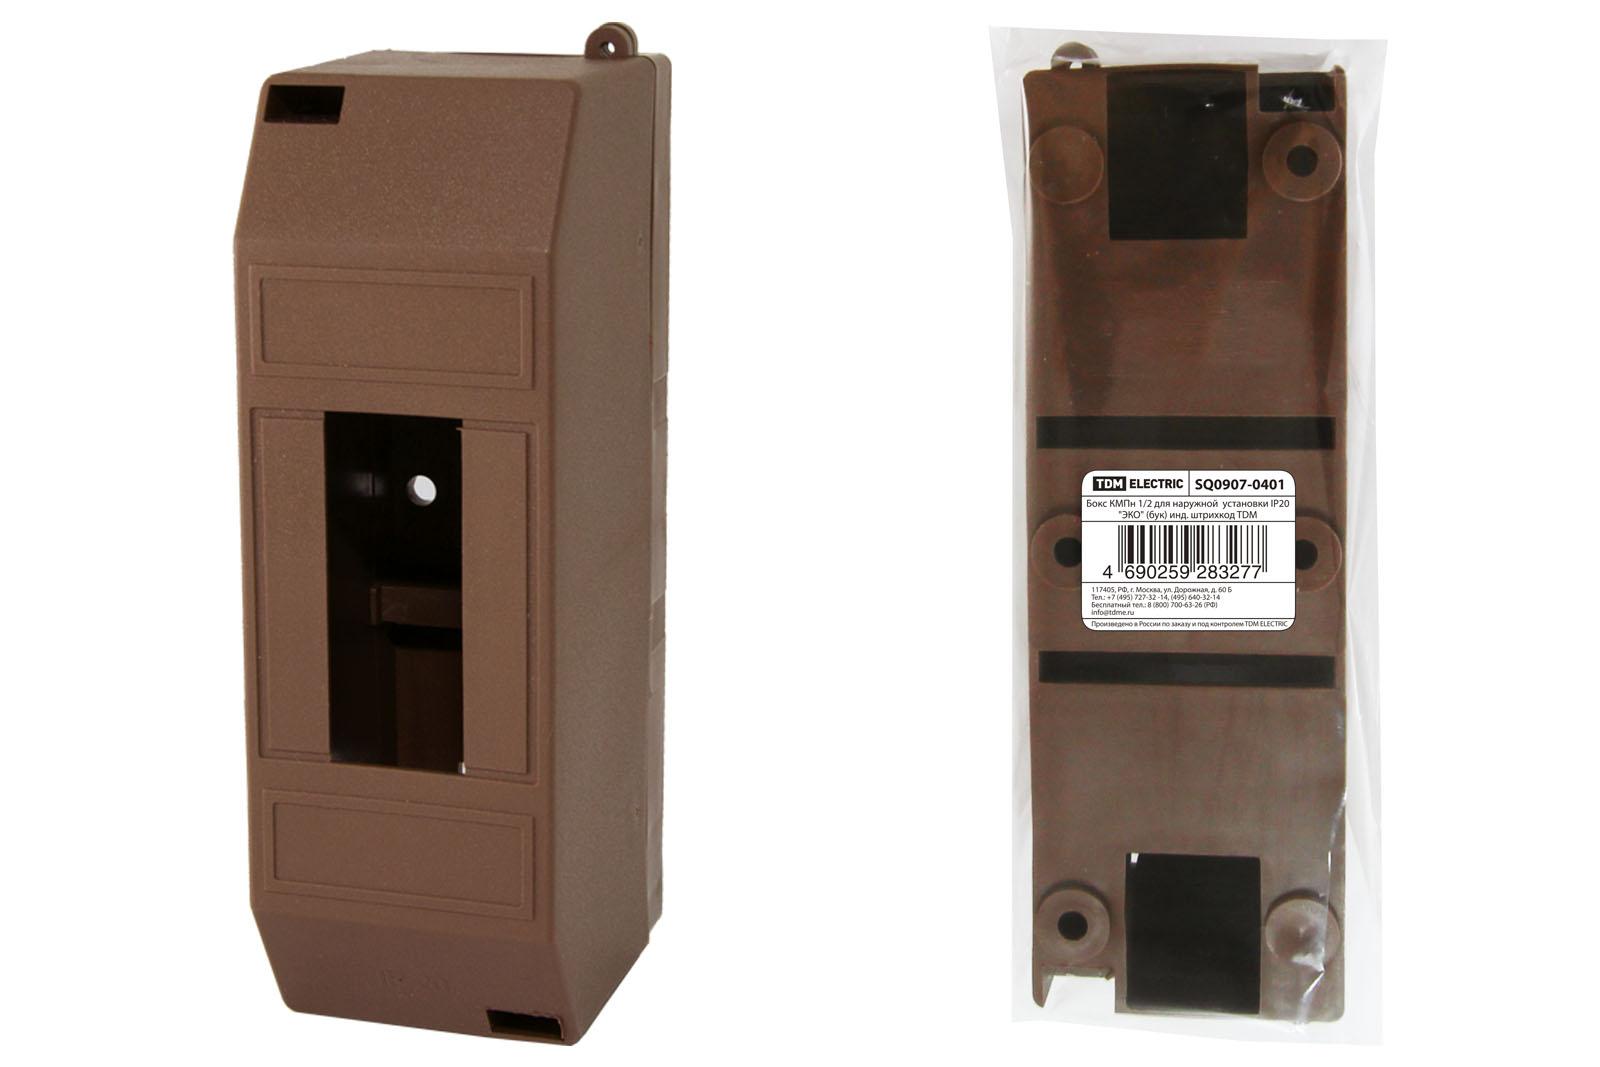 Бокс ТДМЩиты электрические, боксы<br>Тип: бокс,<br>Тип установки: навесной,<br>Материал: полистирол,<br>Степень защиты от пыли и влаги: IP 20,<br>Использование: в помещении,<br>Высота: 125,<br>Ширина: 42,<br>Глубина: 57,<br>DIN рейка: одна<br>